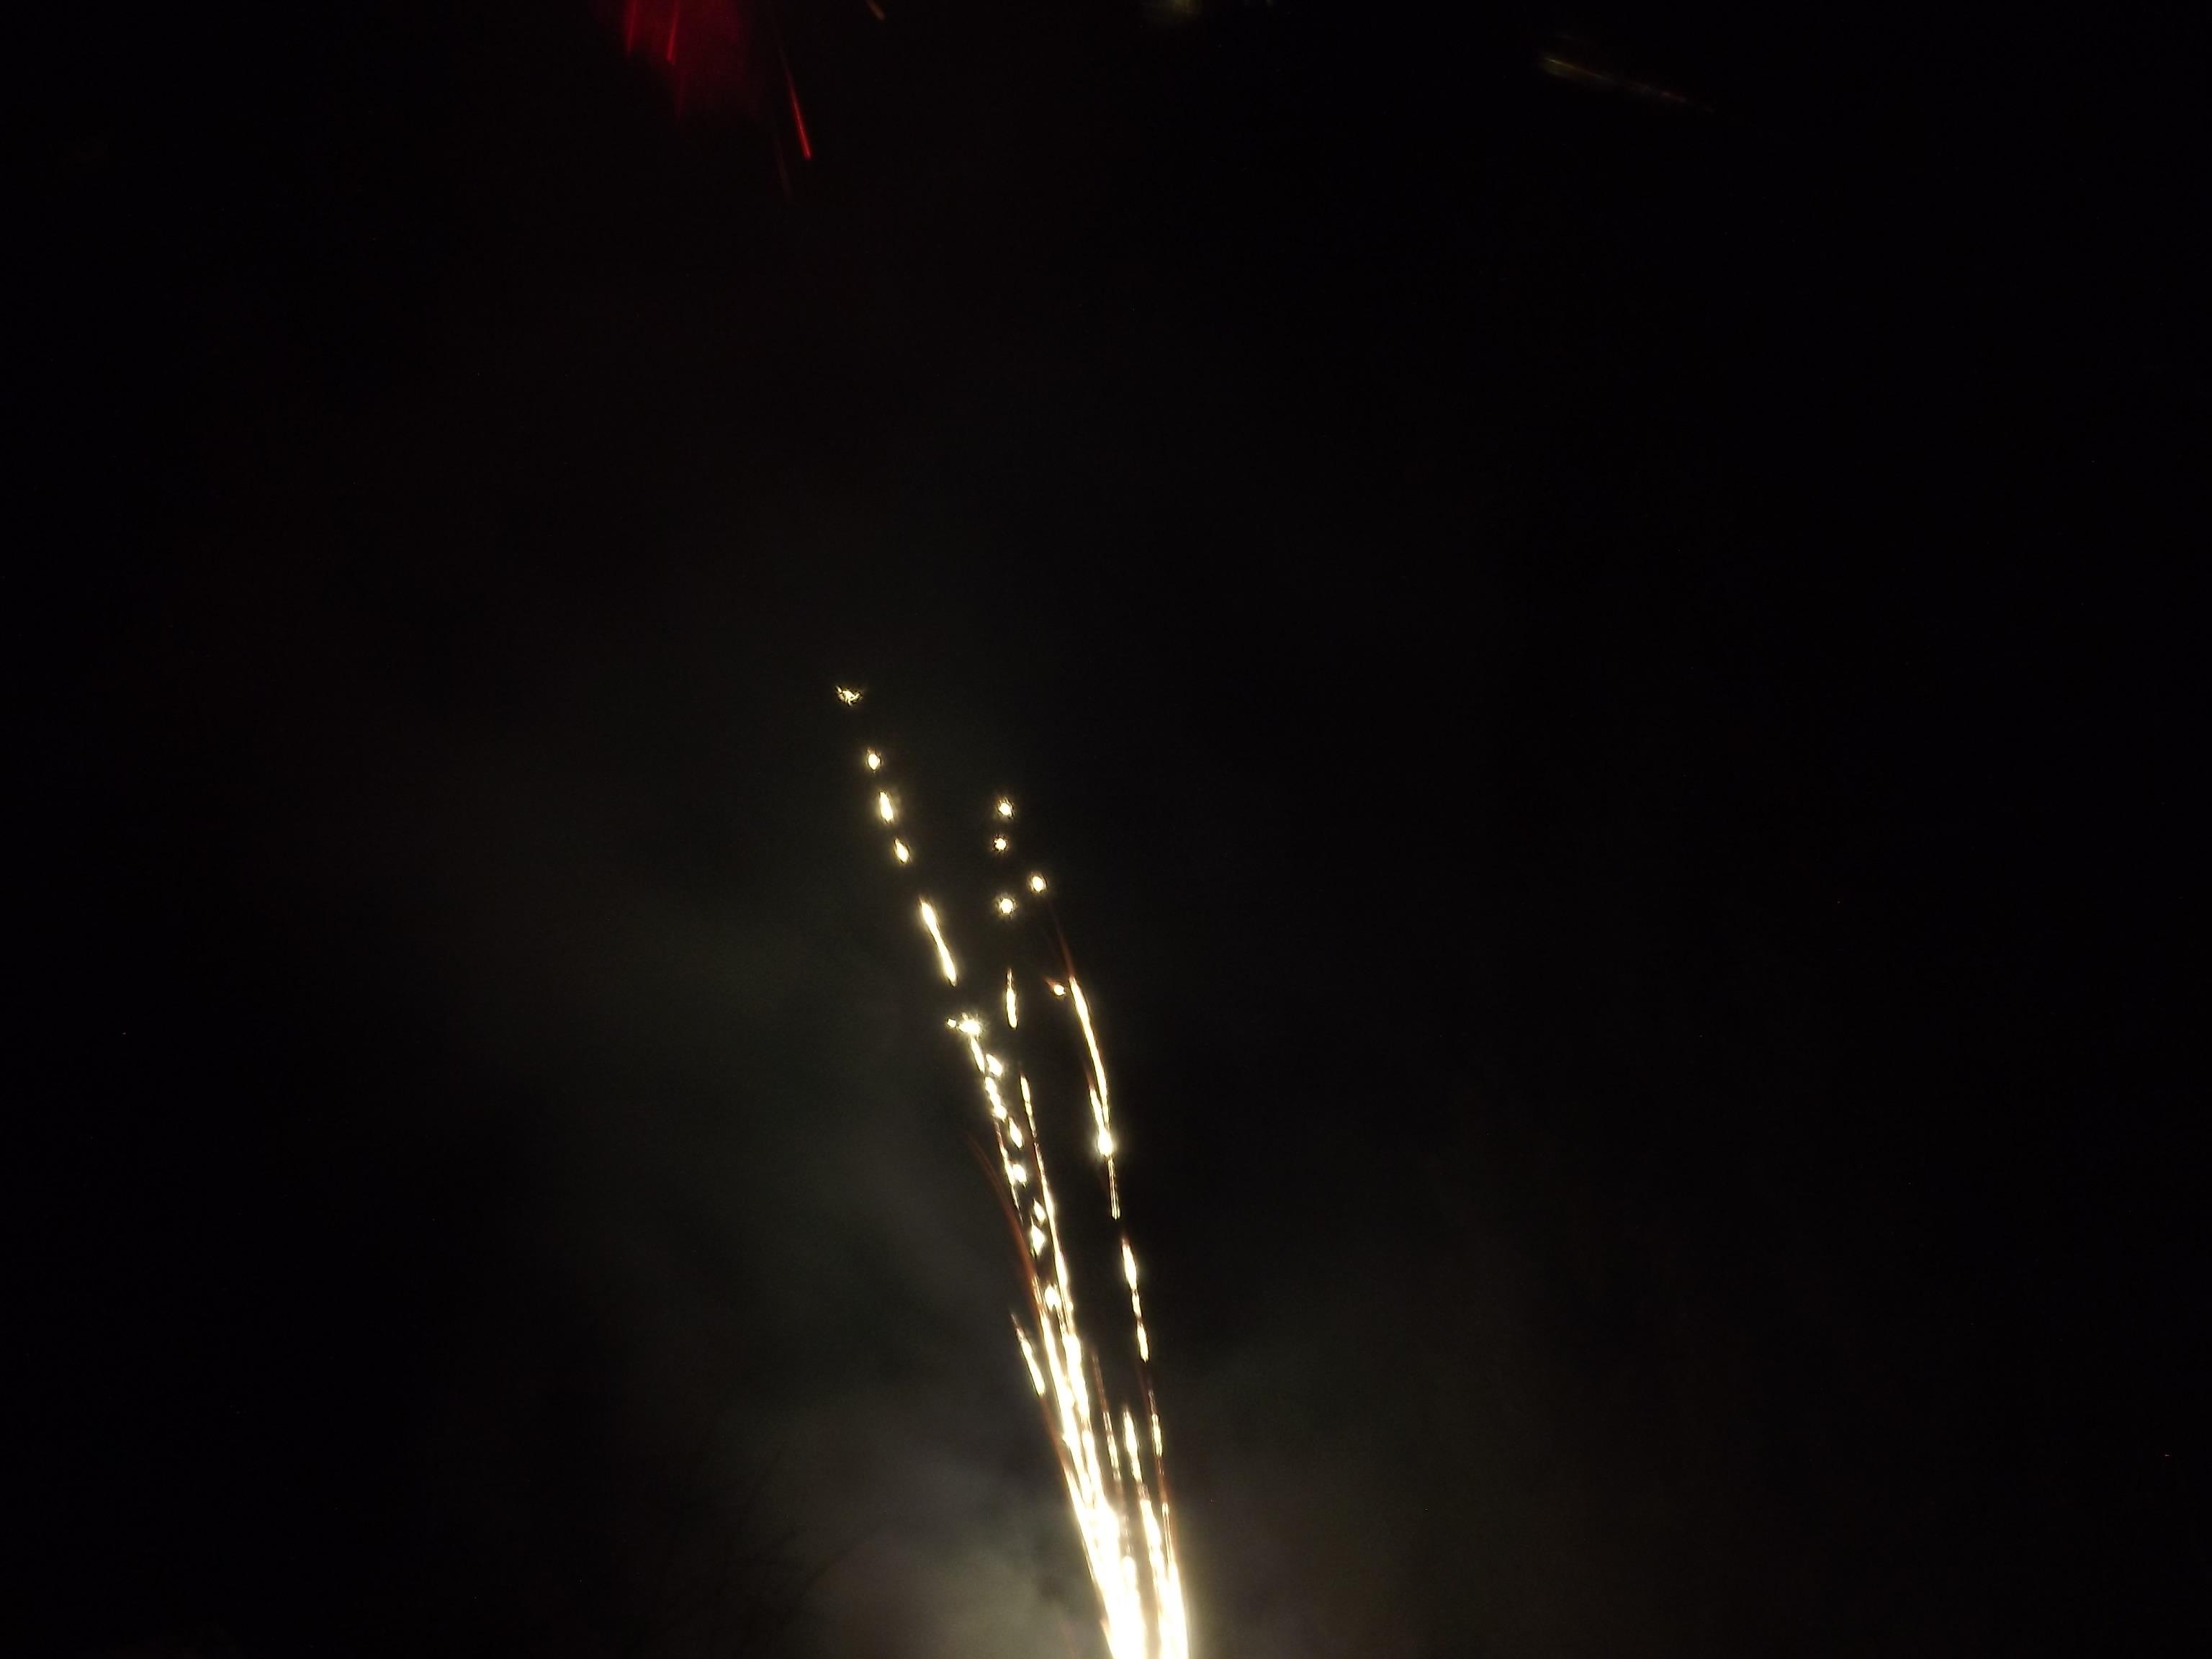 8329-goldregen-flammen-feuerwerk